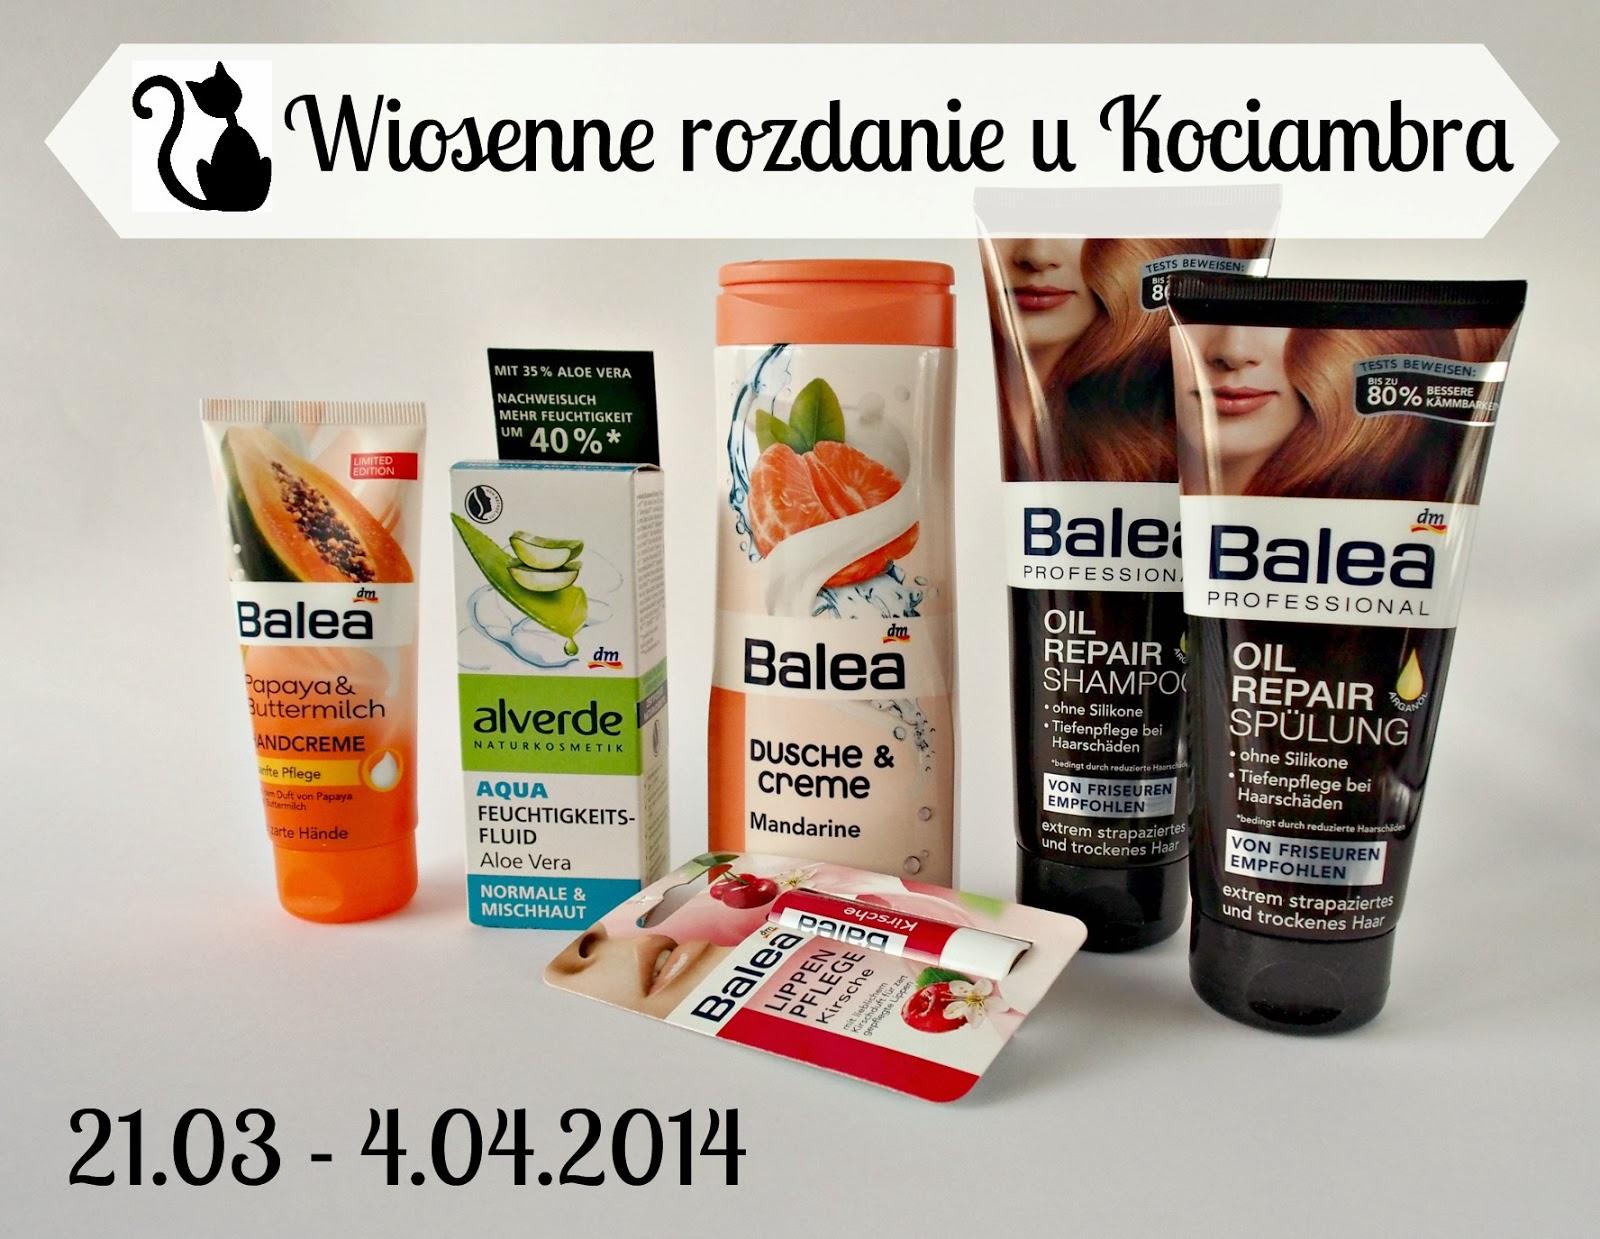 Wiosenne rozdanie z produktami Balea i Alverde!